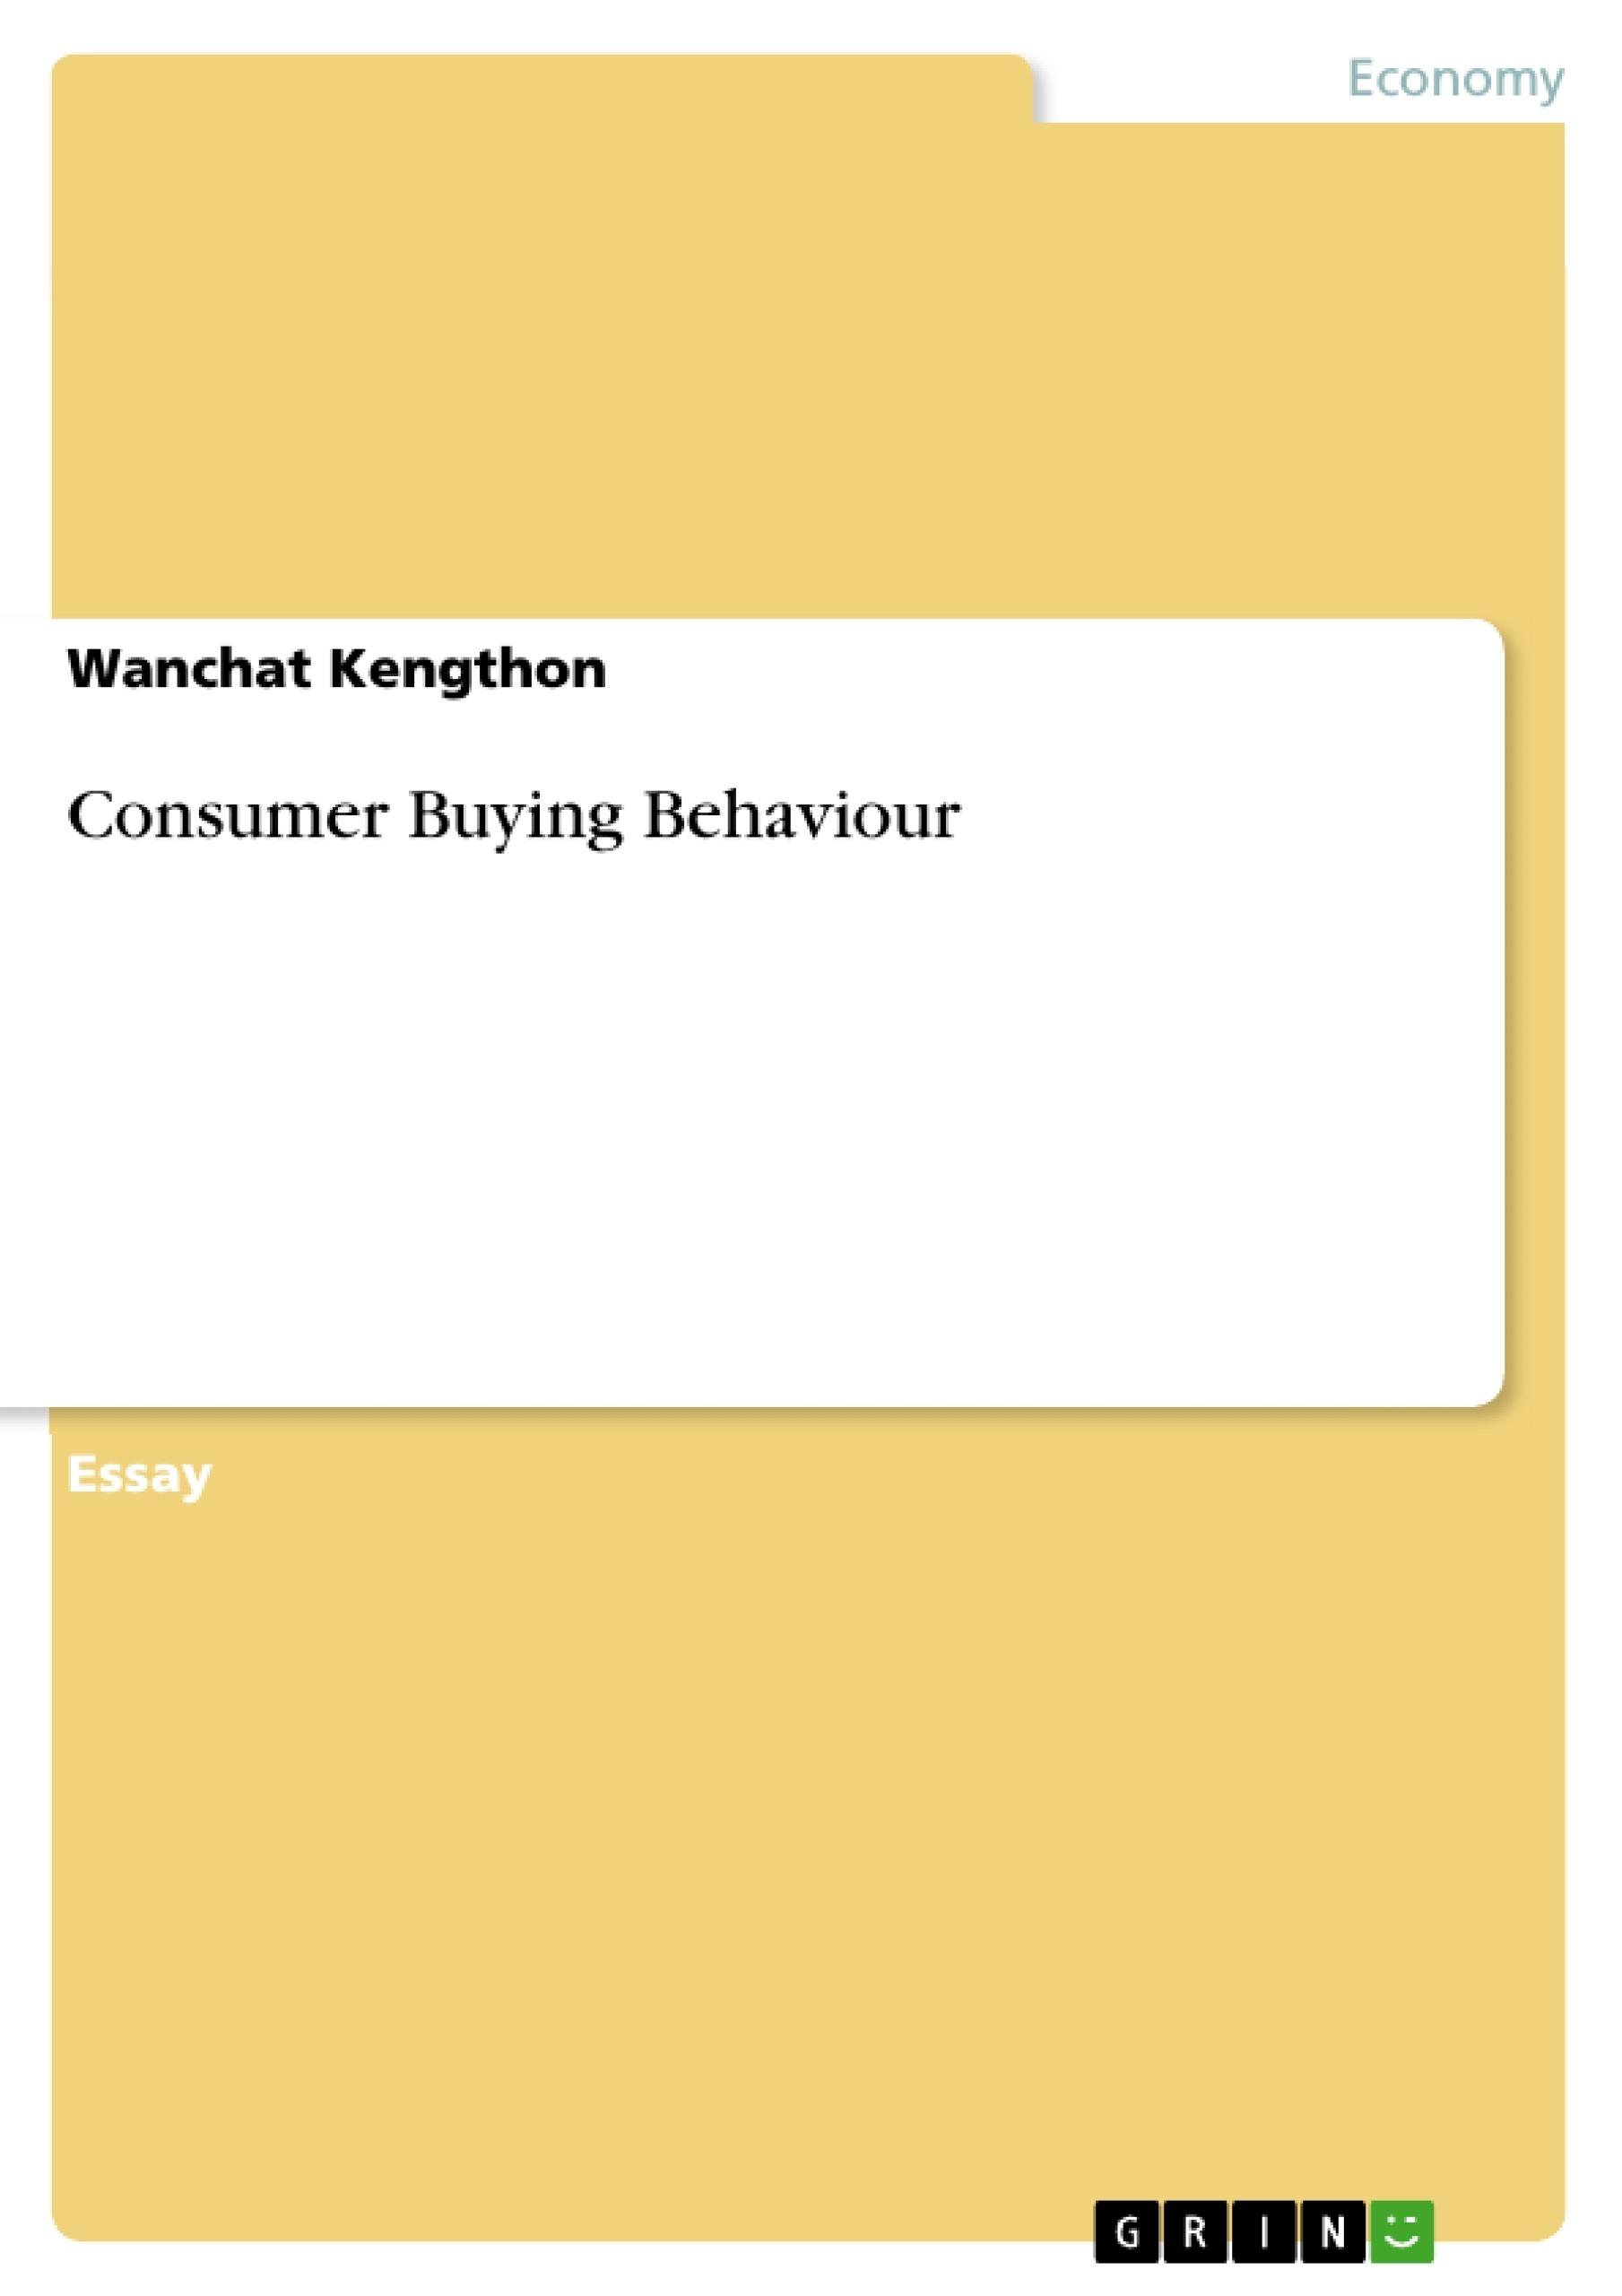 Title: Consumer Buying Behaviour